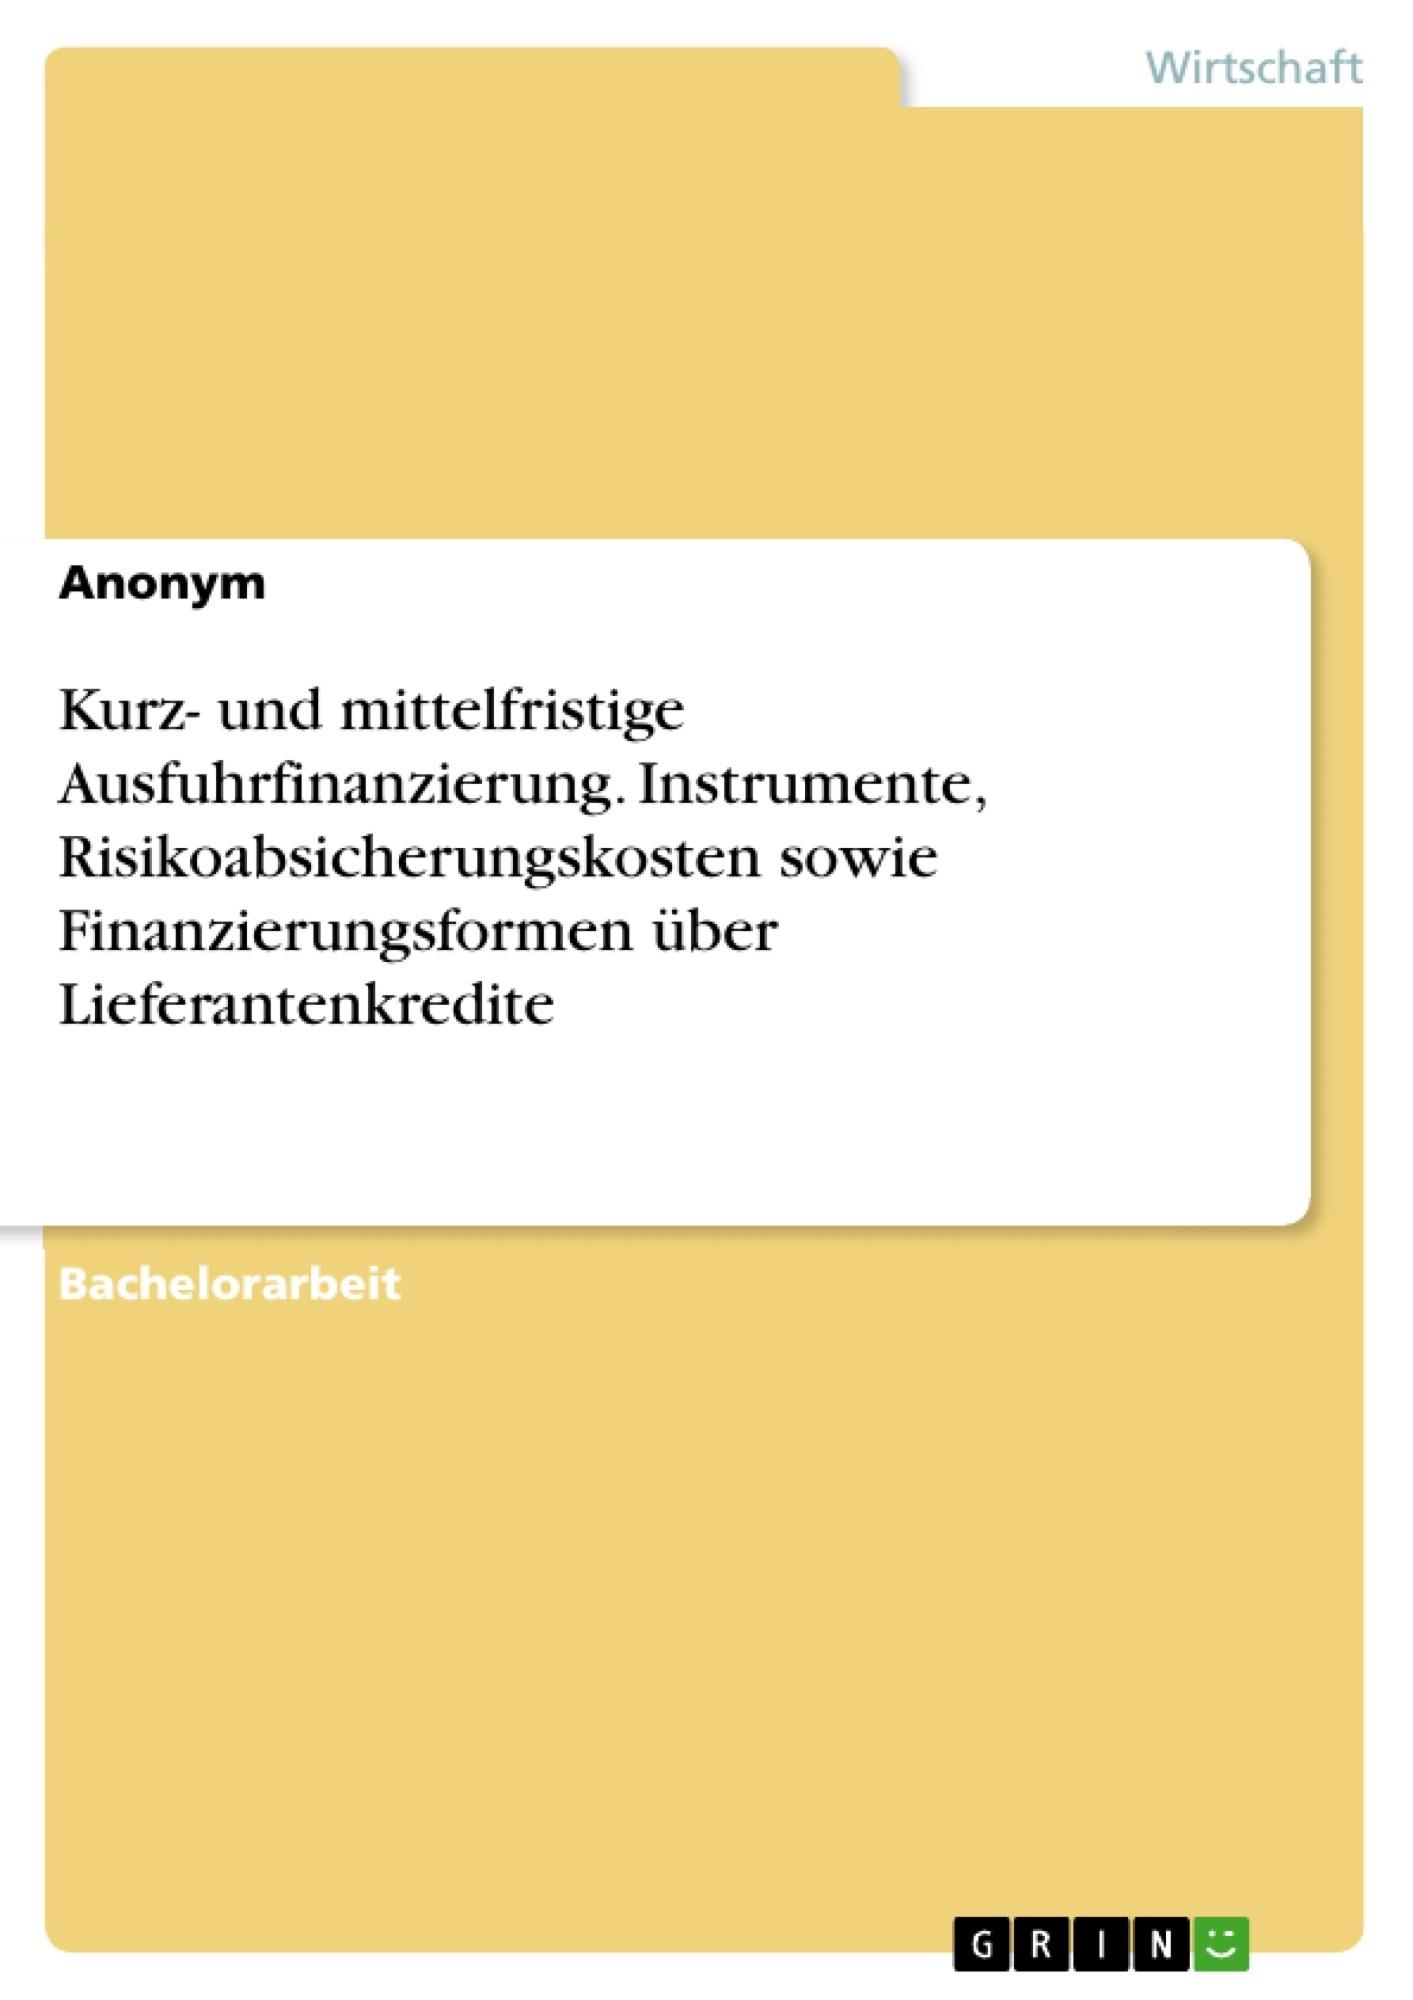 Titel: Kurz- und mittelfristige Ausfuhrfinanzierung. Instrumente, Risikoabsicherungskosten sowie Finanzierungsformen über Lieferantenkredite